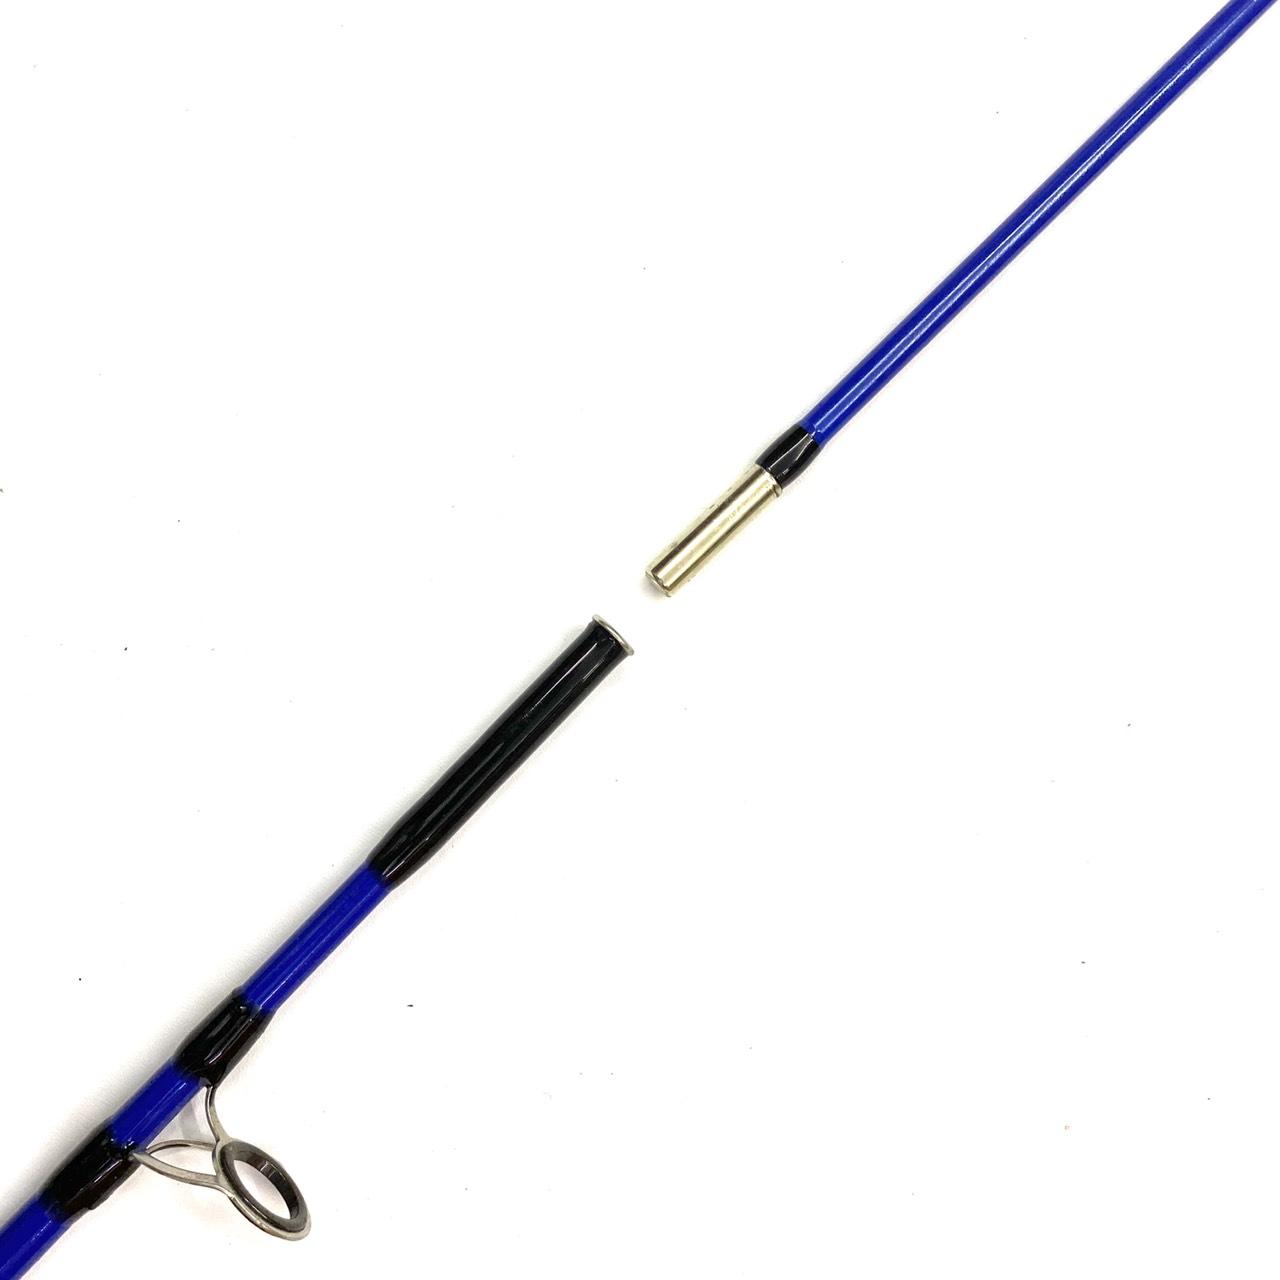 Cần câu cá đặc ruột Competition cần 2 khúc máy đứng kết nối gim 1m65, 1m8, 2m1, 2m4, 2m7